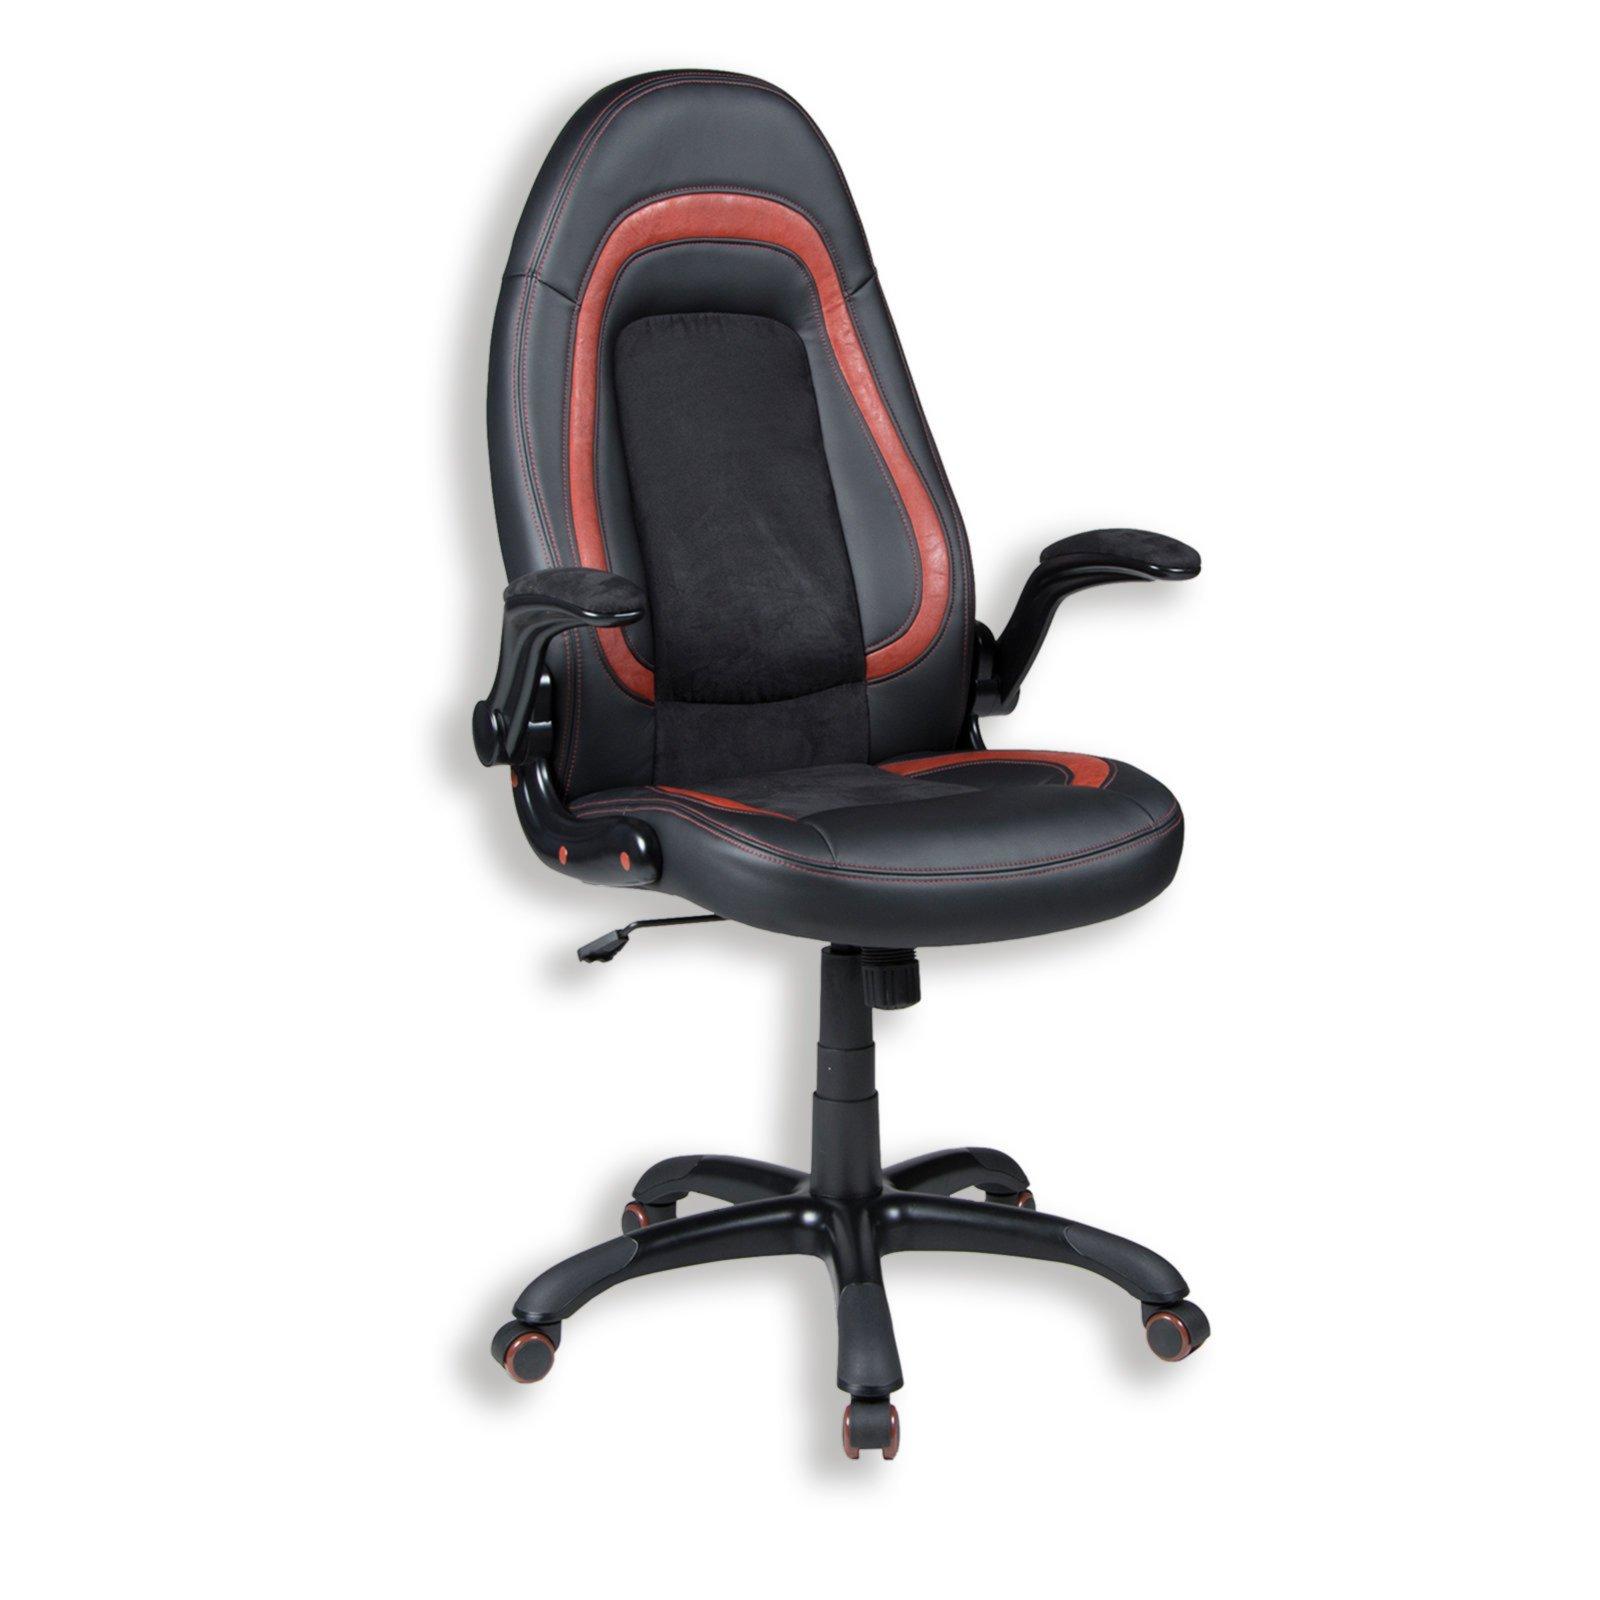 drehstuhl damian schwarz rot kunstleder b rost hle. Black Bedroom Furniture Sets. Home Design Ideas